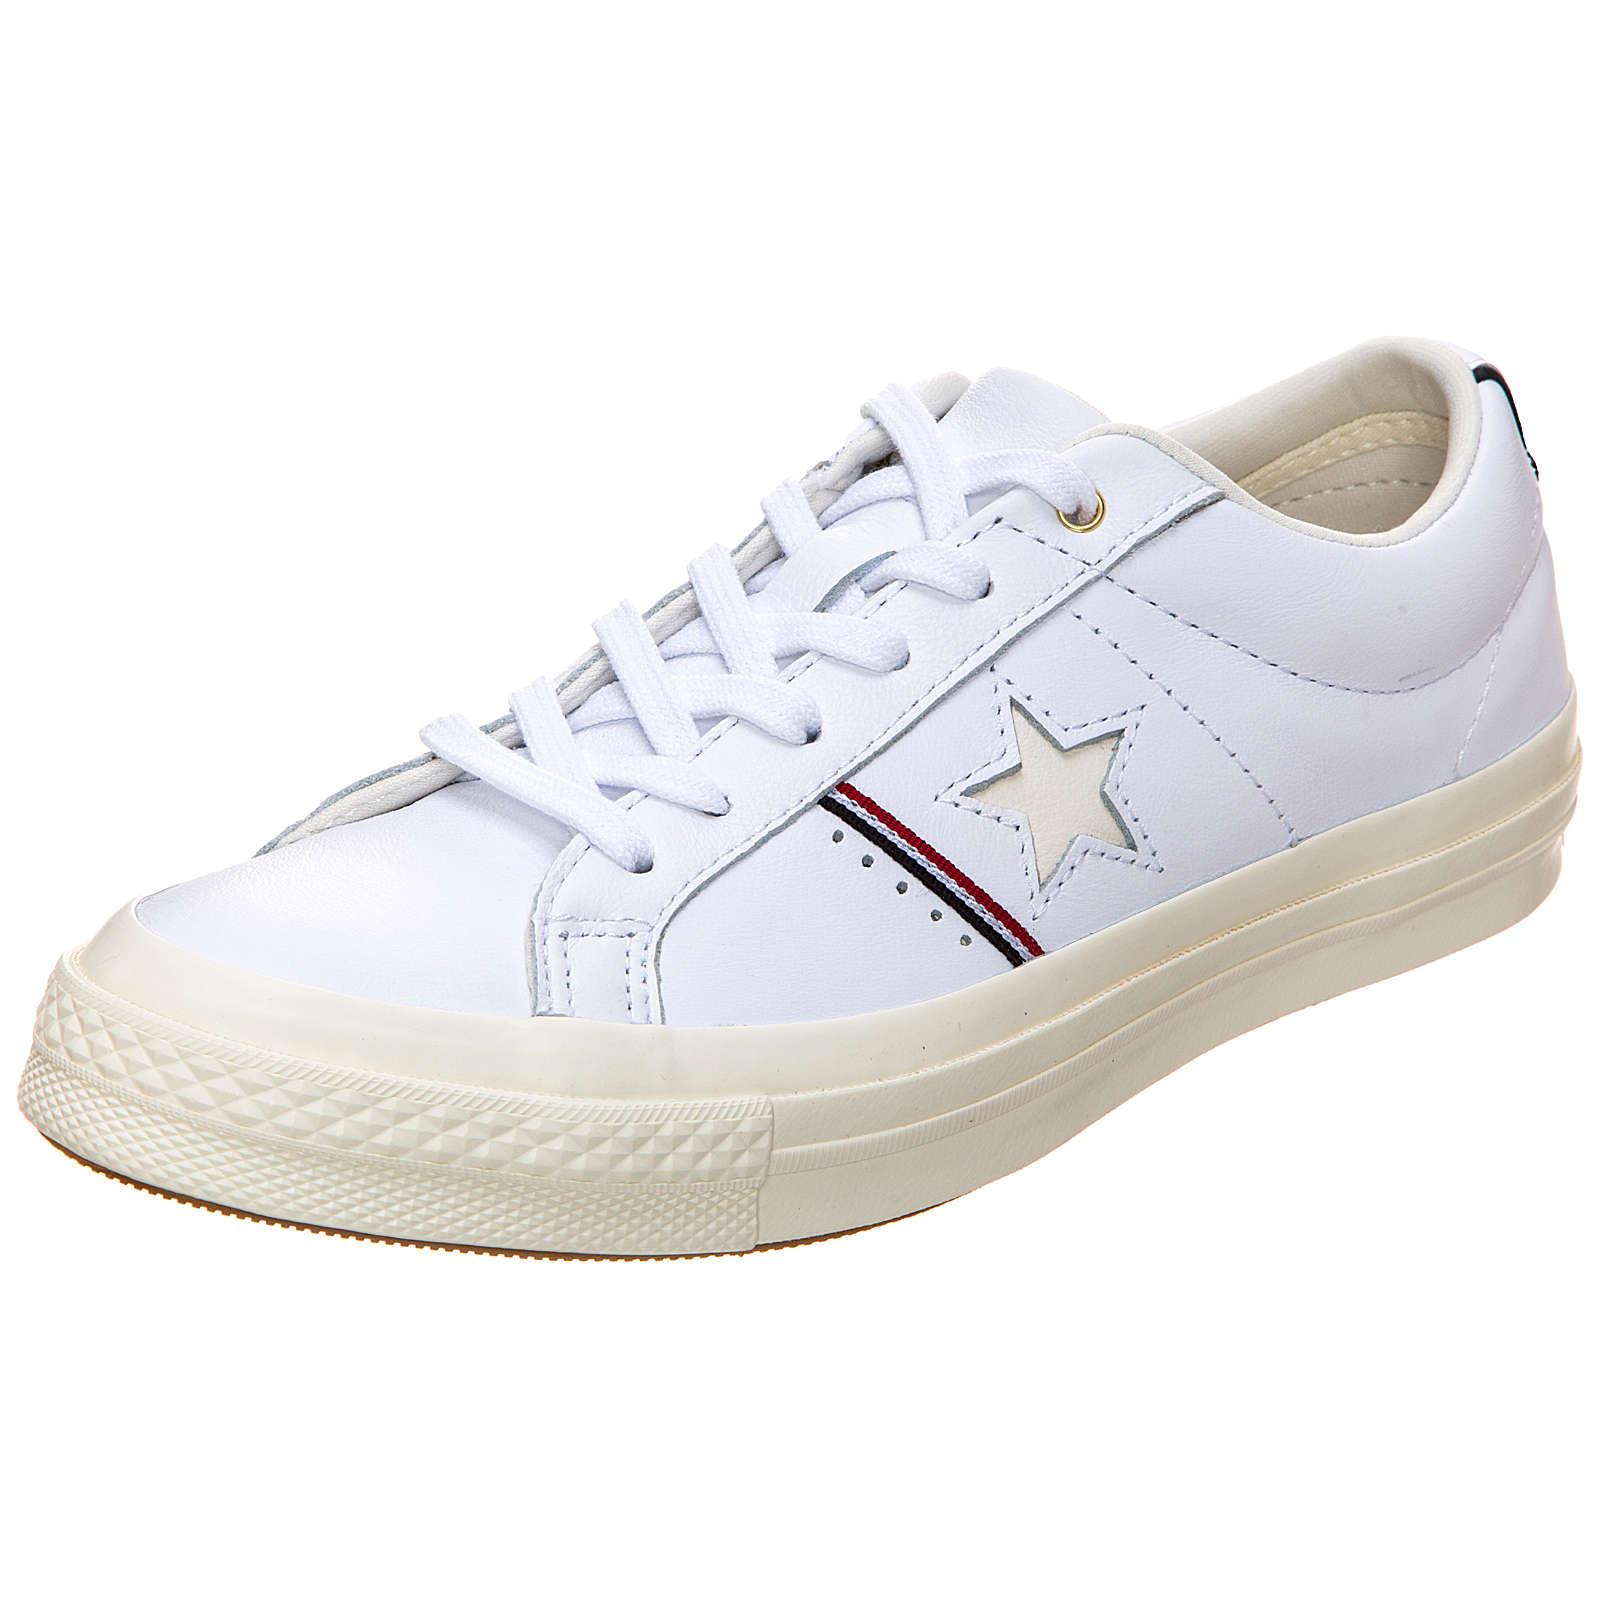 CONVERSE Sneakers Low weiß Damen Gr. 36